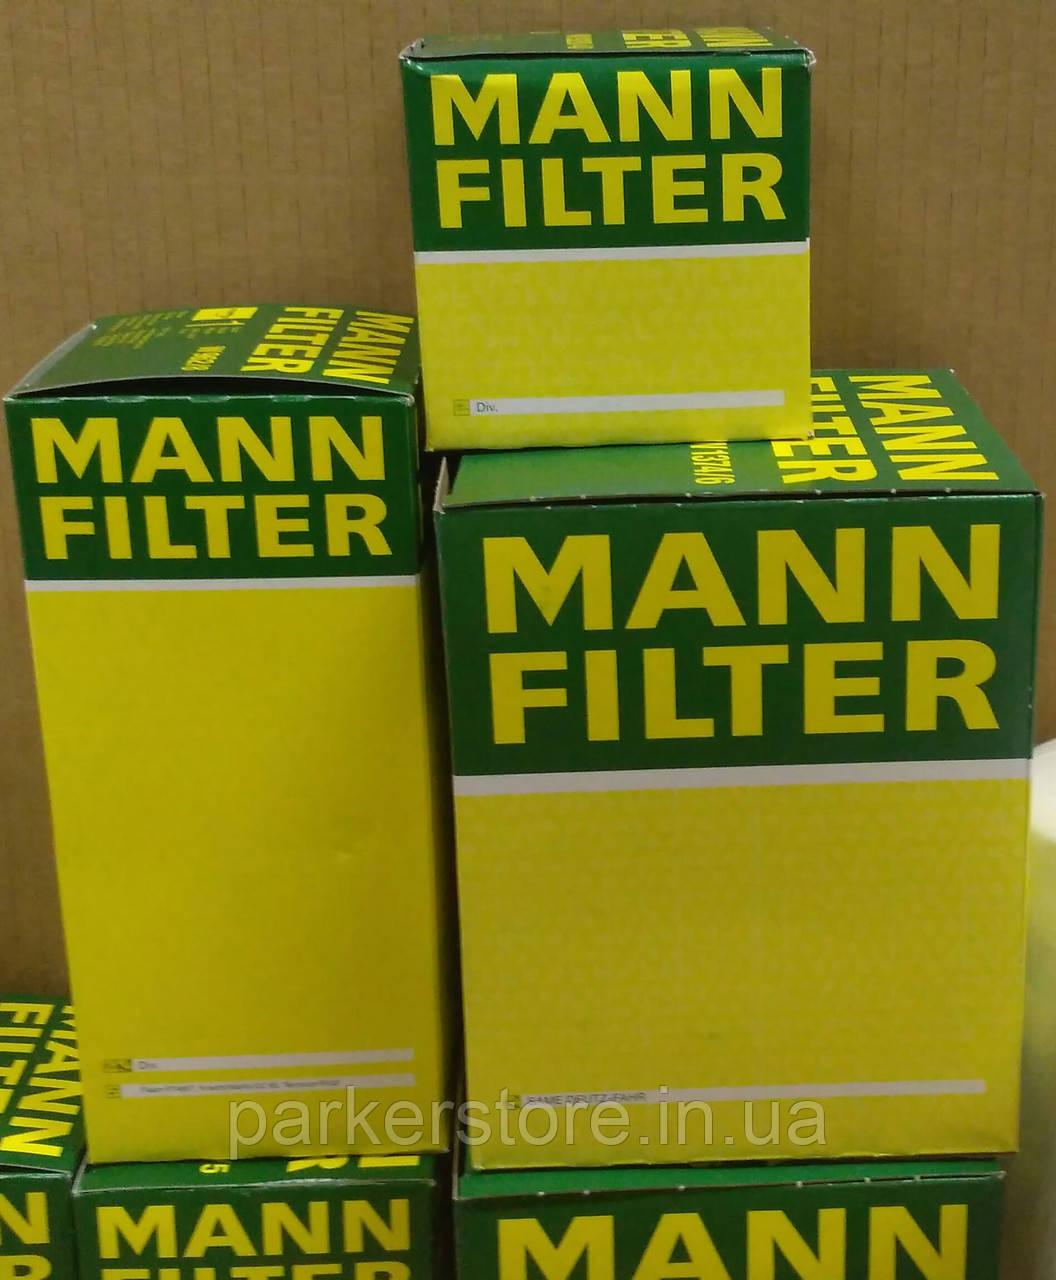 MANN FILTER / Воздушный фильтр / C 30 154 / C30154